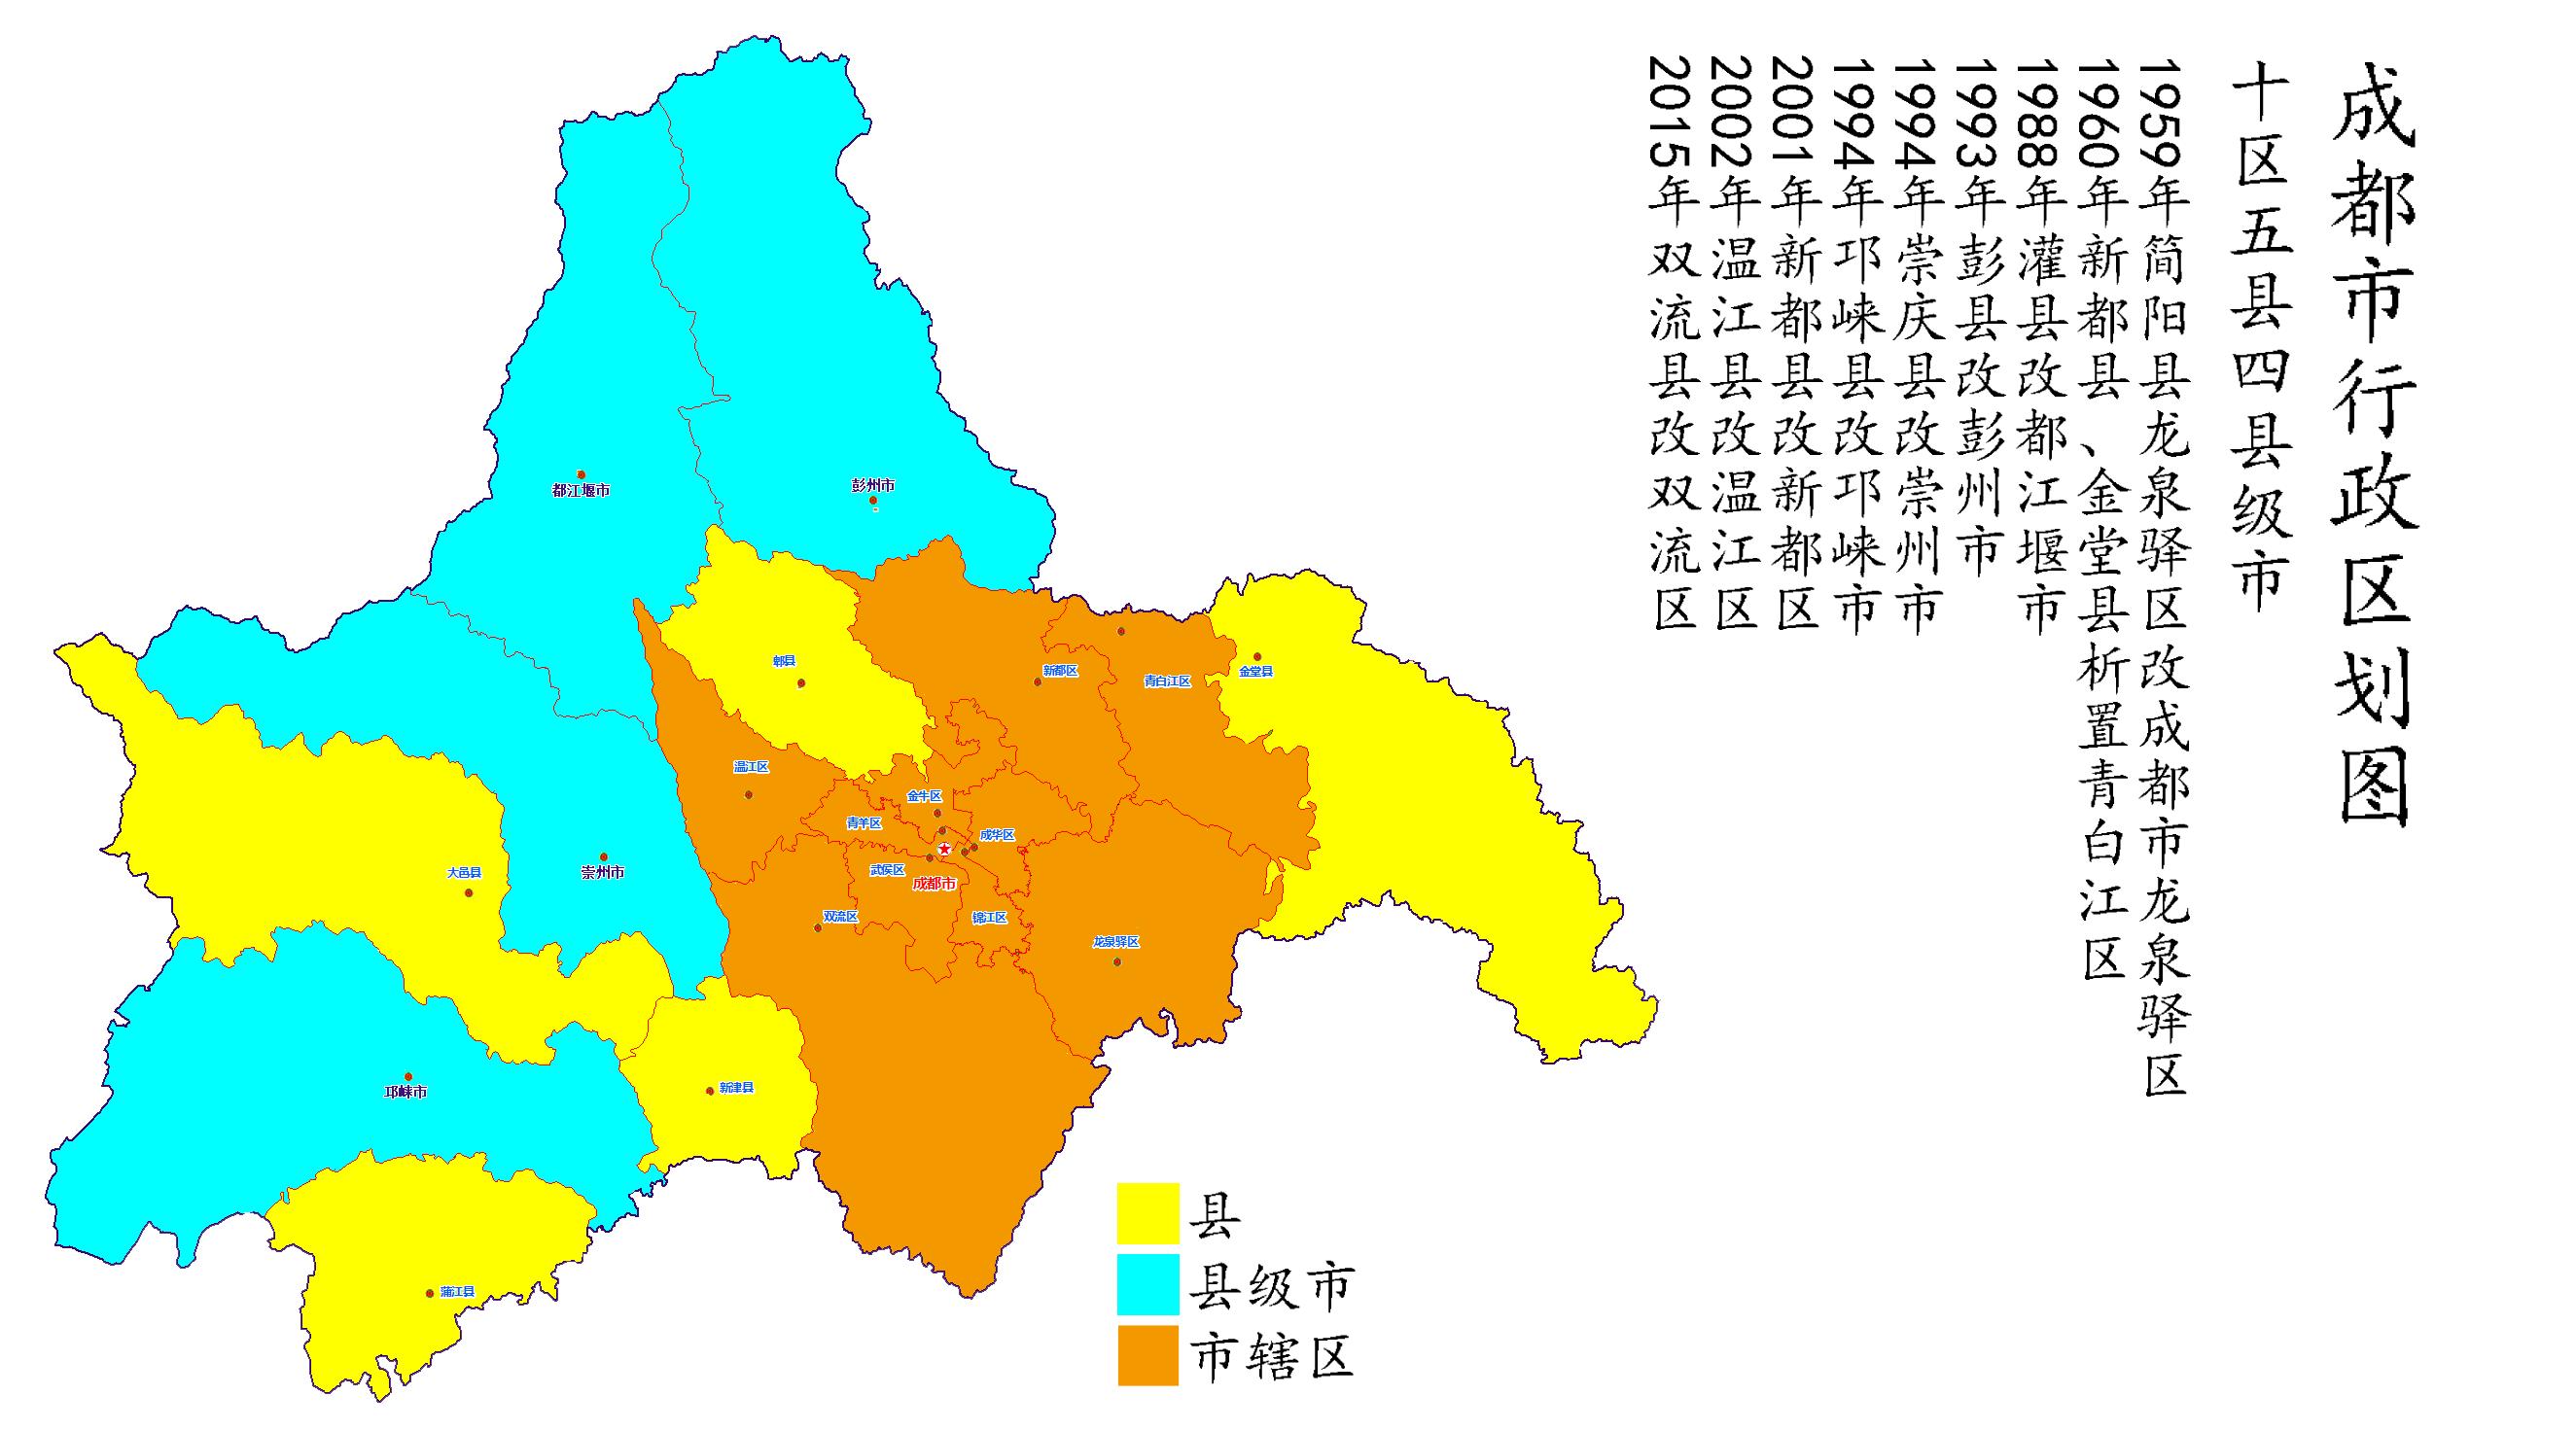 成都市行政区划图_方舆 - 西部 - 成都市最新行政区划图(双流区) - Powered by phpwind